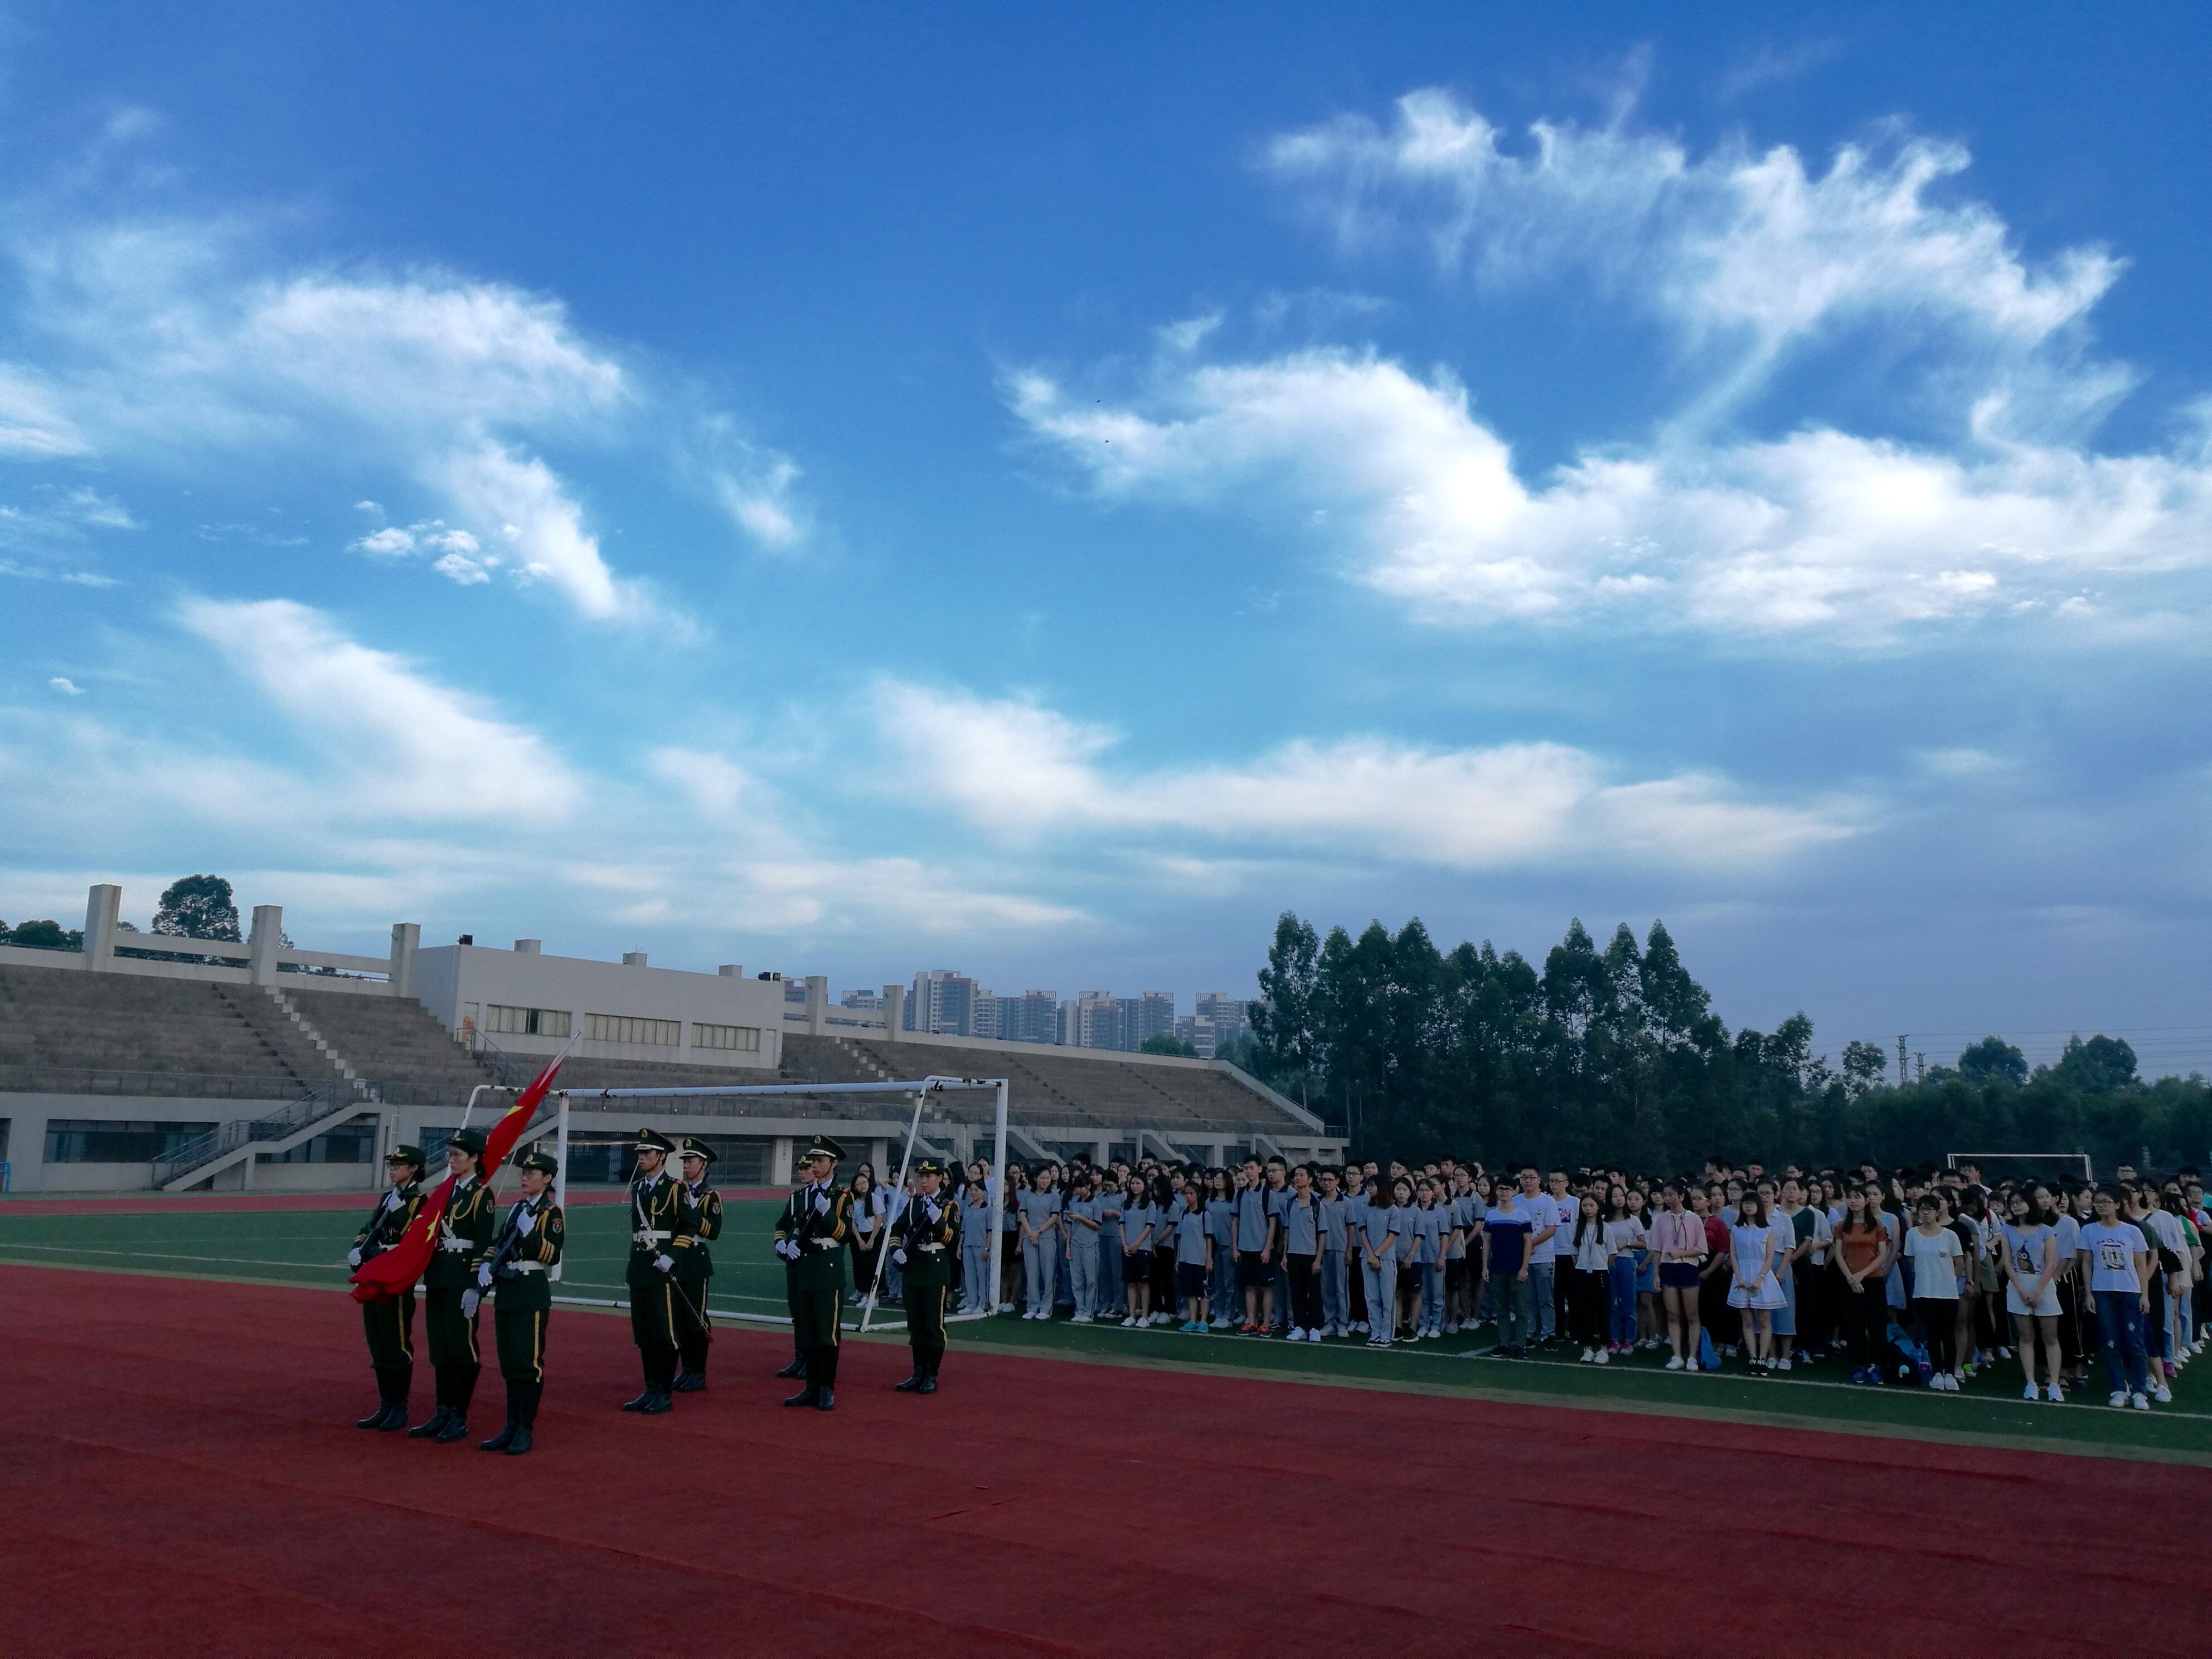 迎著朝陽,一起出發——我院新學期第一次升旗儀式順利舉行